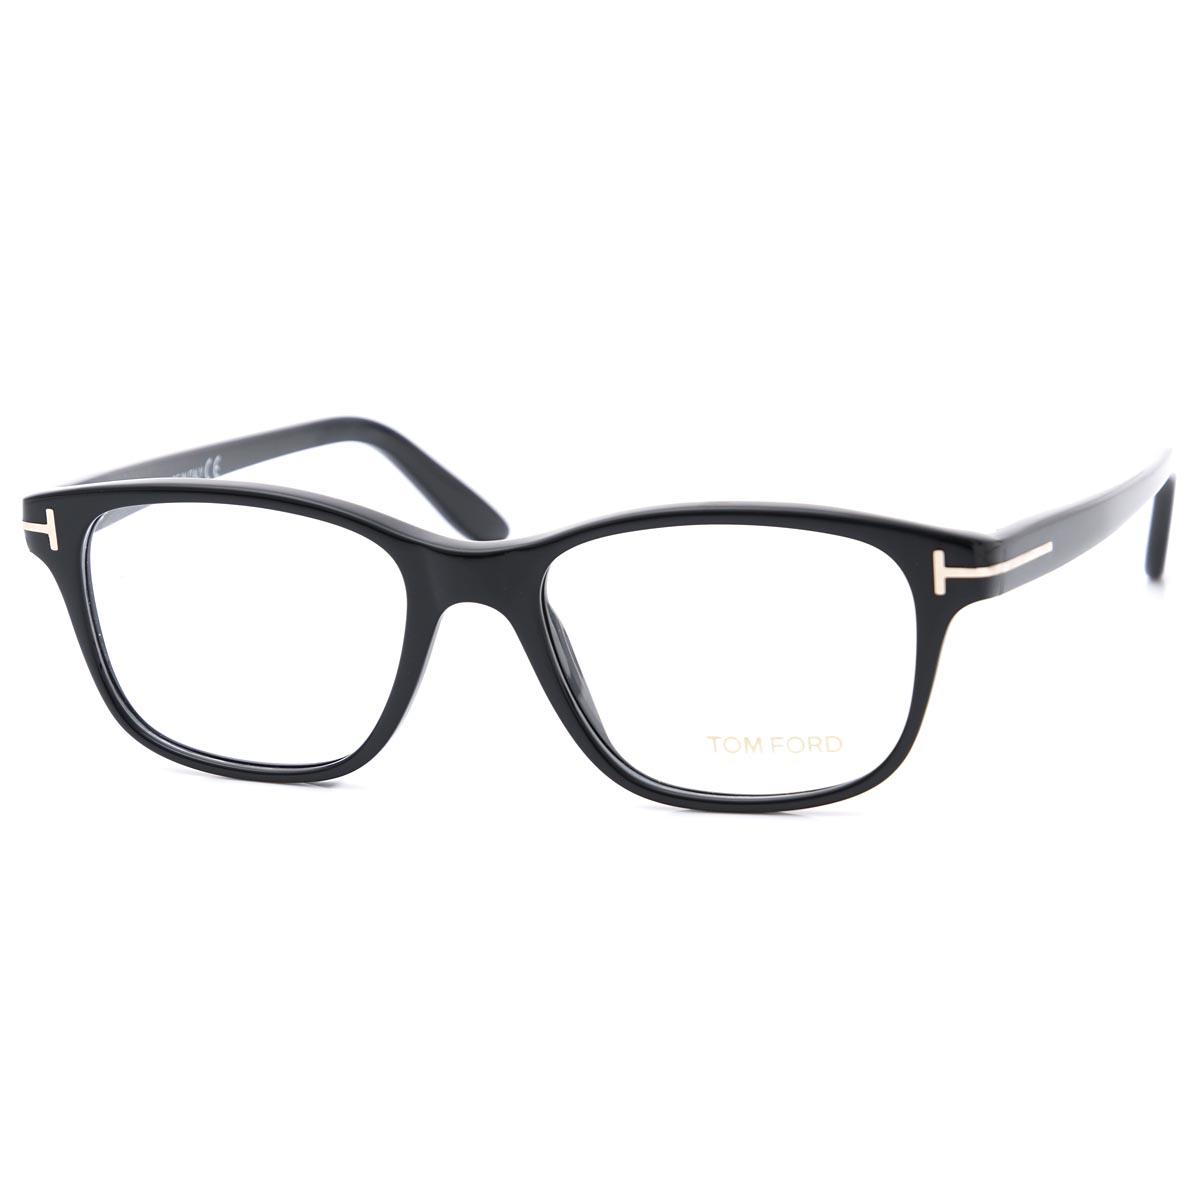 トムフォード TOM FORD 眼鏡 メガネ ブラック メンズ フレーム ft5196 001 ウェイファーラー【ラッピング無料】【返品送料無料】【あす楽対応_関東】